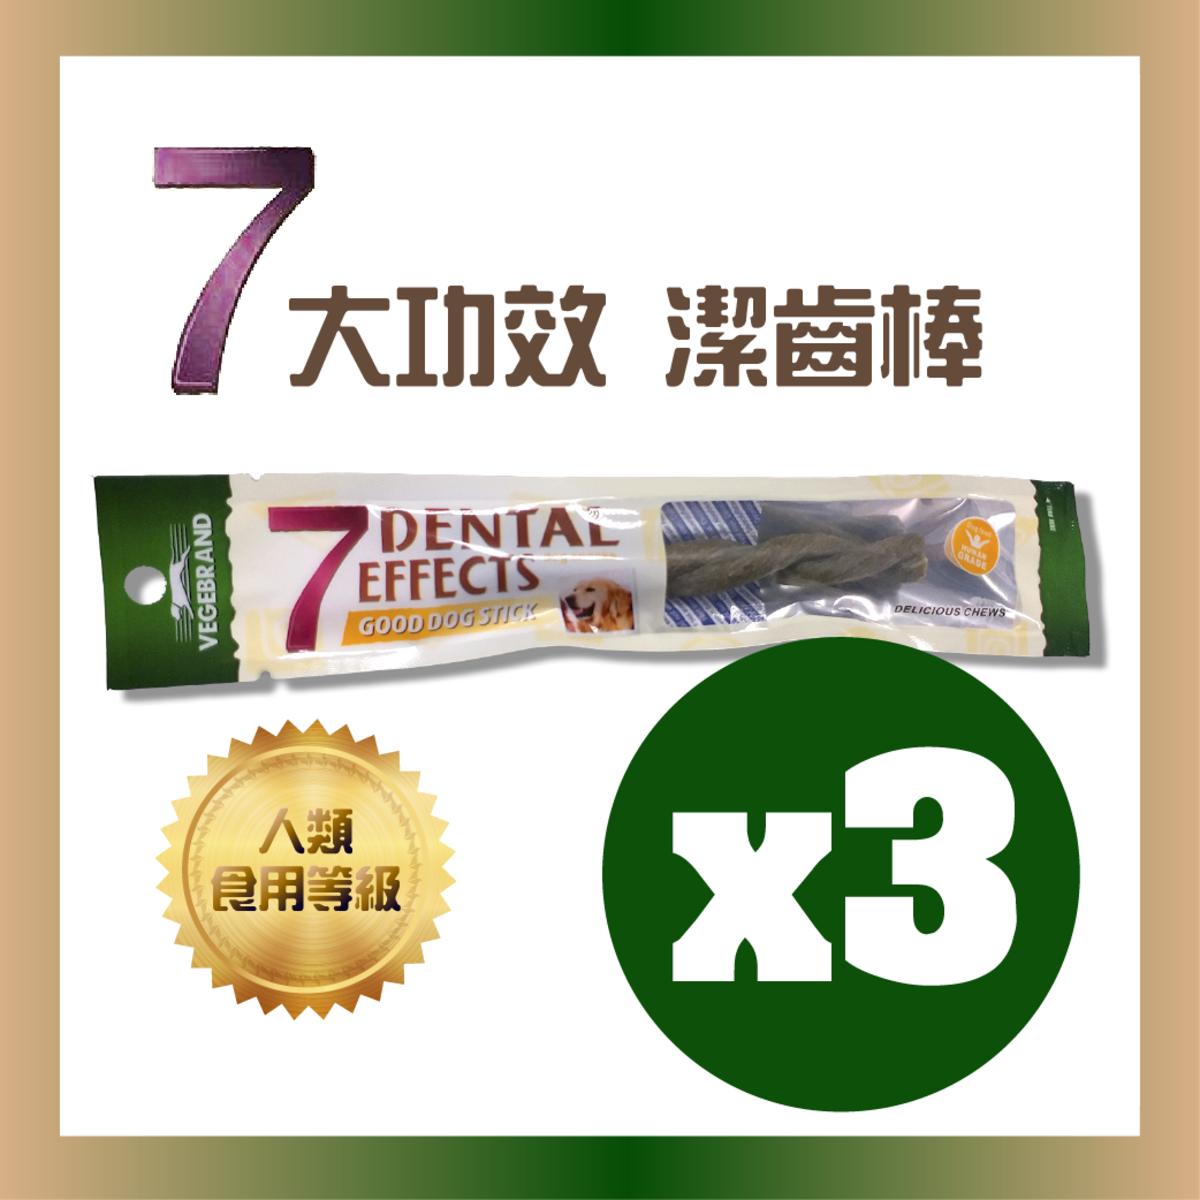 7 重高效潔齒棒 (牛油果棒) 3 枝 (VBD-1034_3)